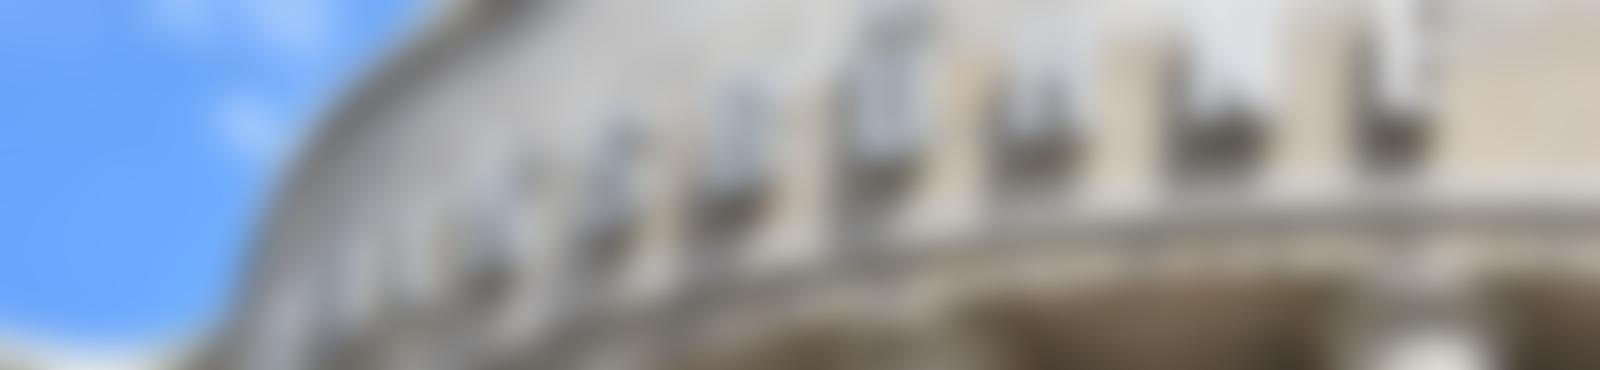 Blurred 19607ee4 48ff 4bec a4ae 302709963816